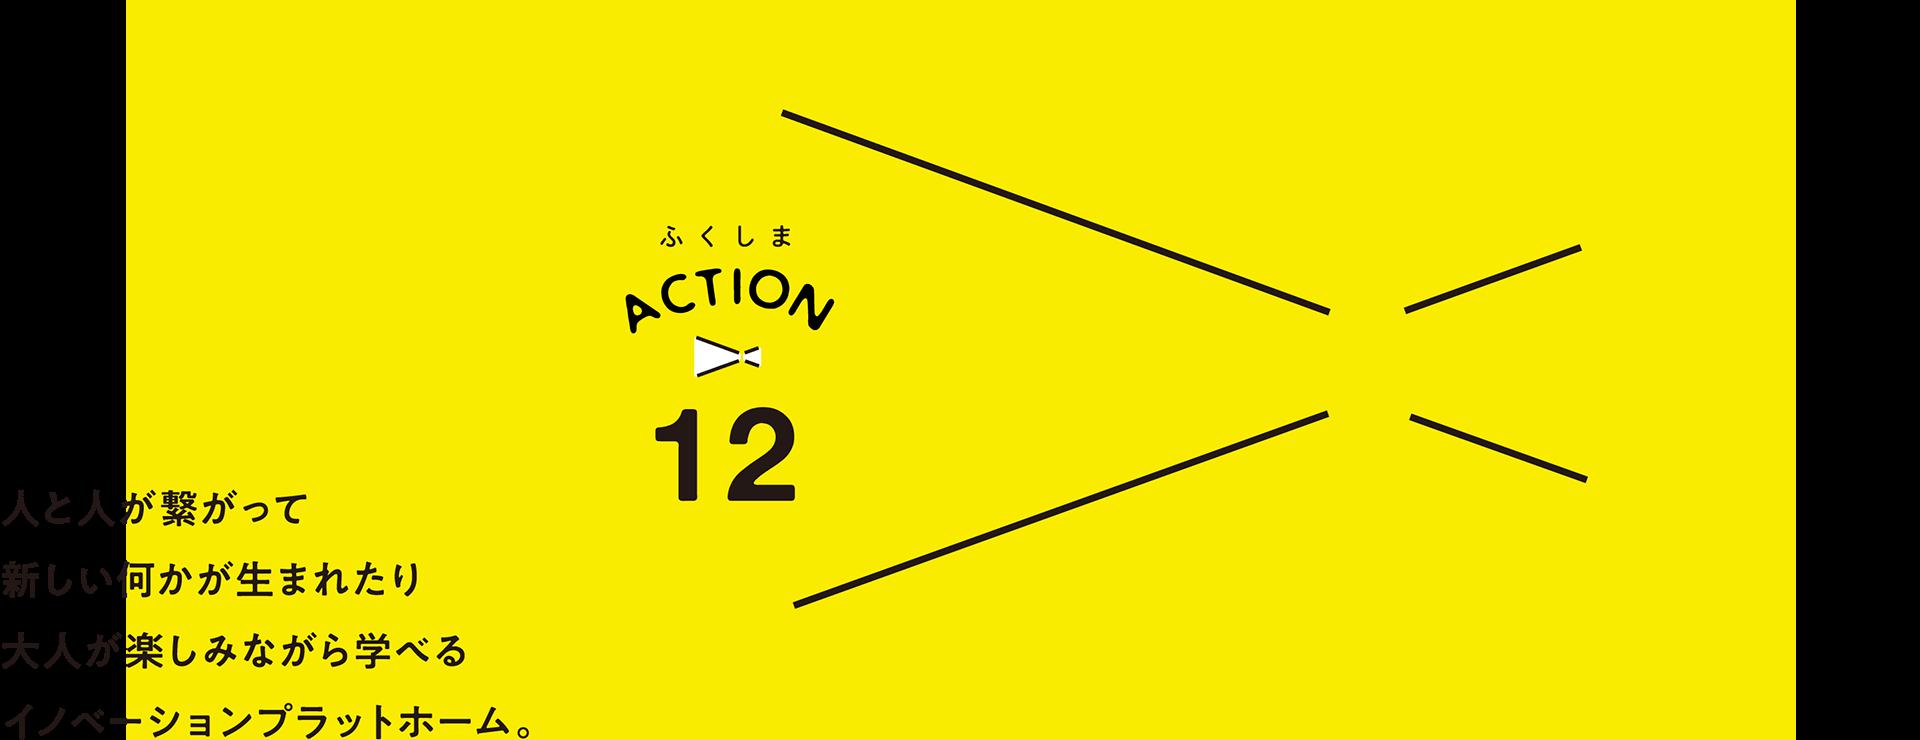 ふくしまアクション12